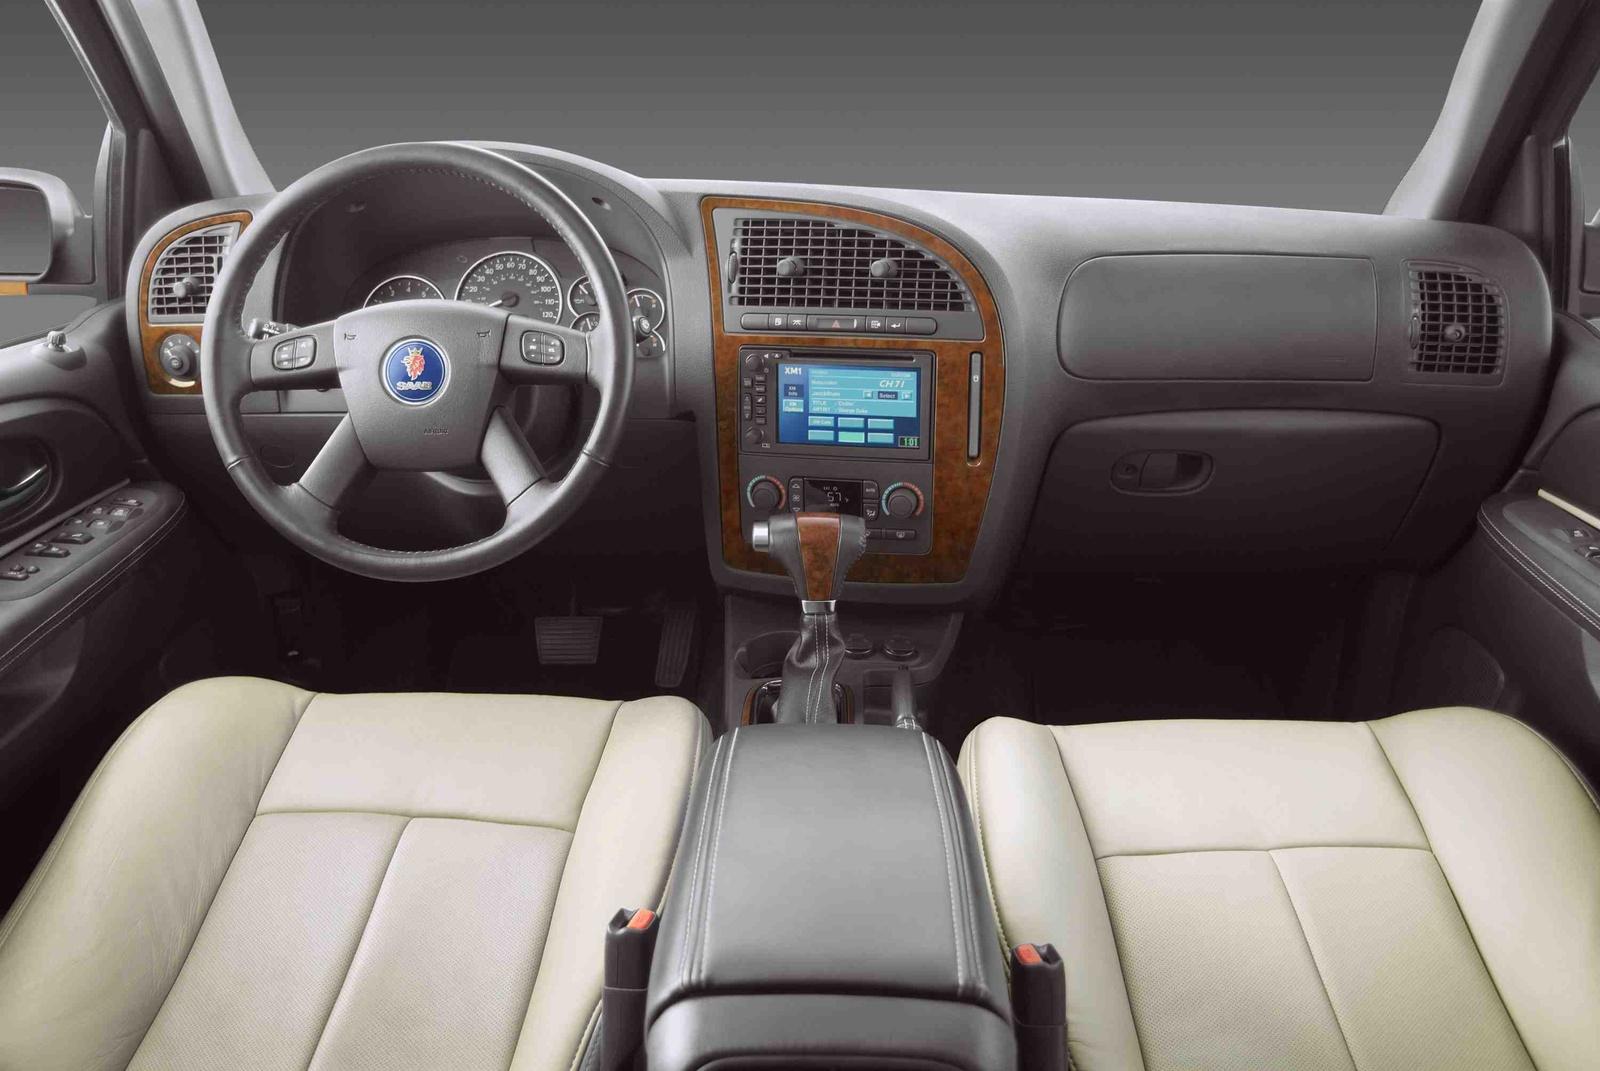 2009 saab 9 7x - 2009 Saab 9 7x 16 Saab 9 7x 16